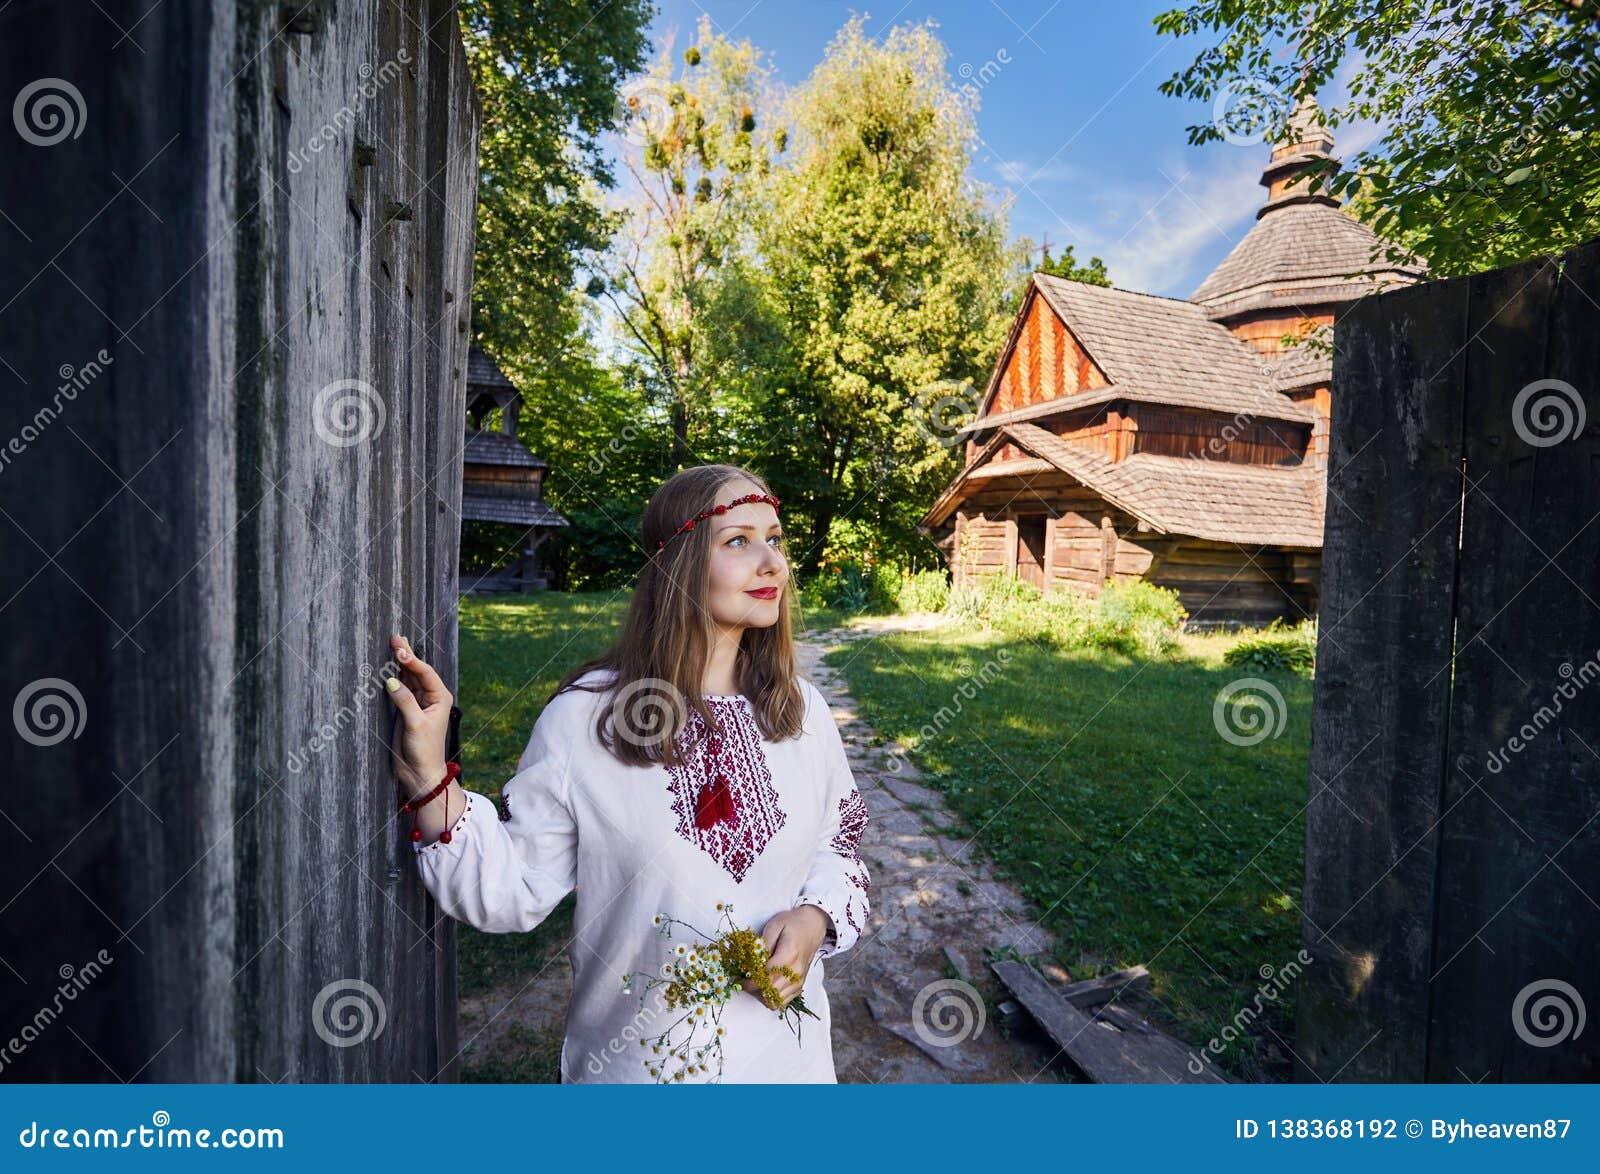 Ουκρανική γυναίκα στο εθνικό χωριό